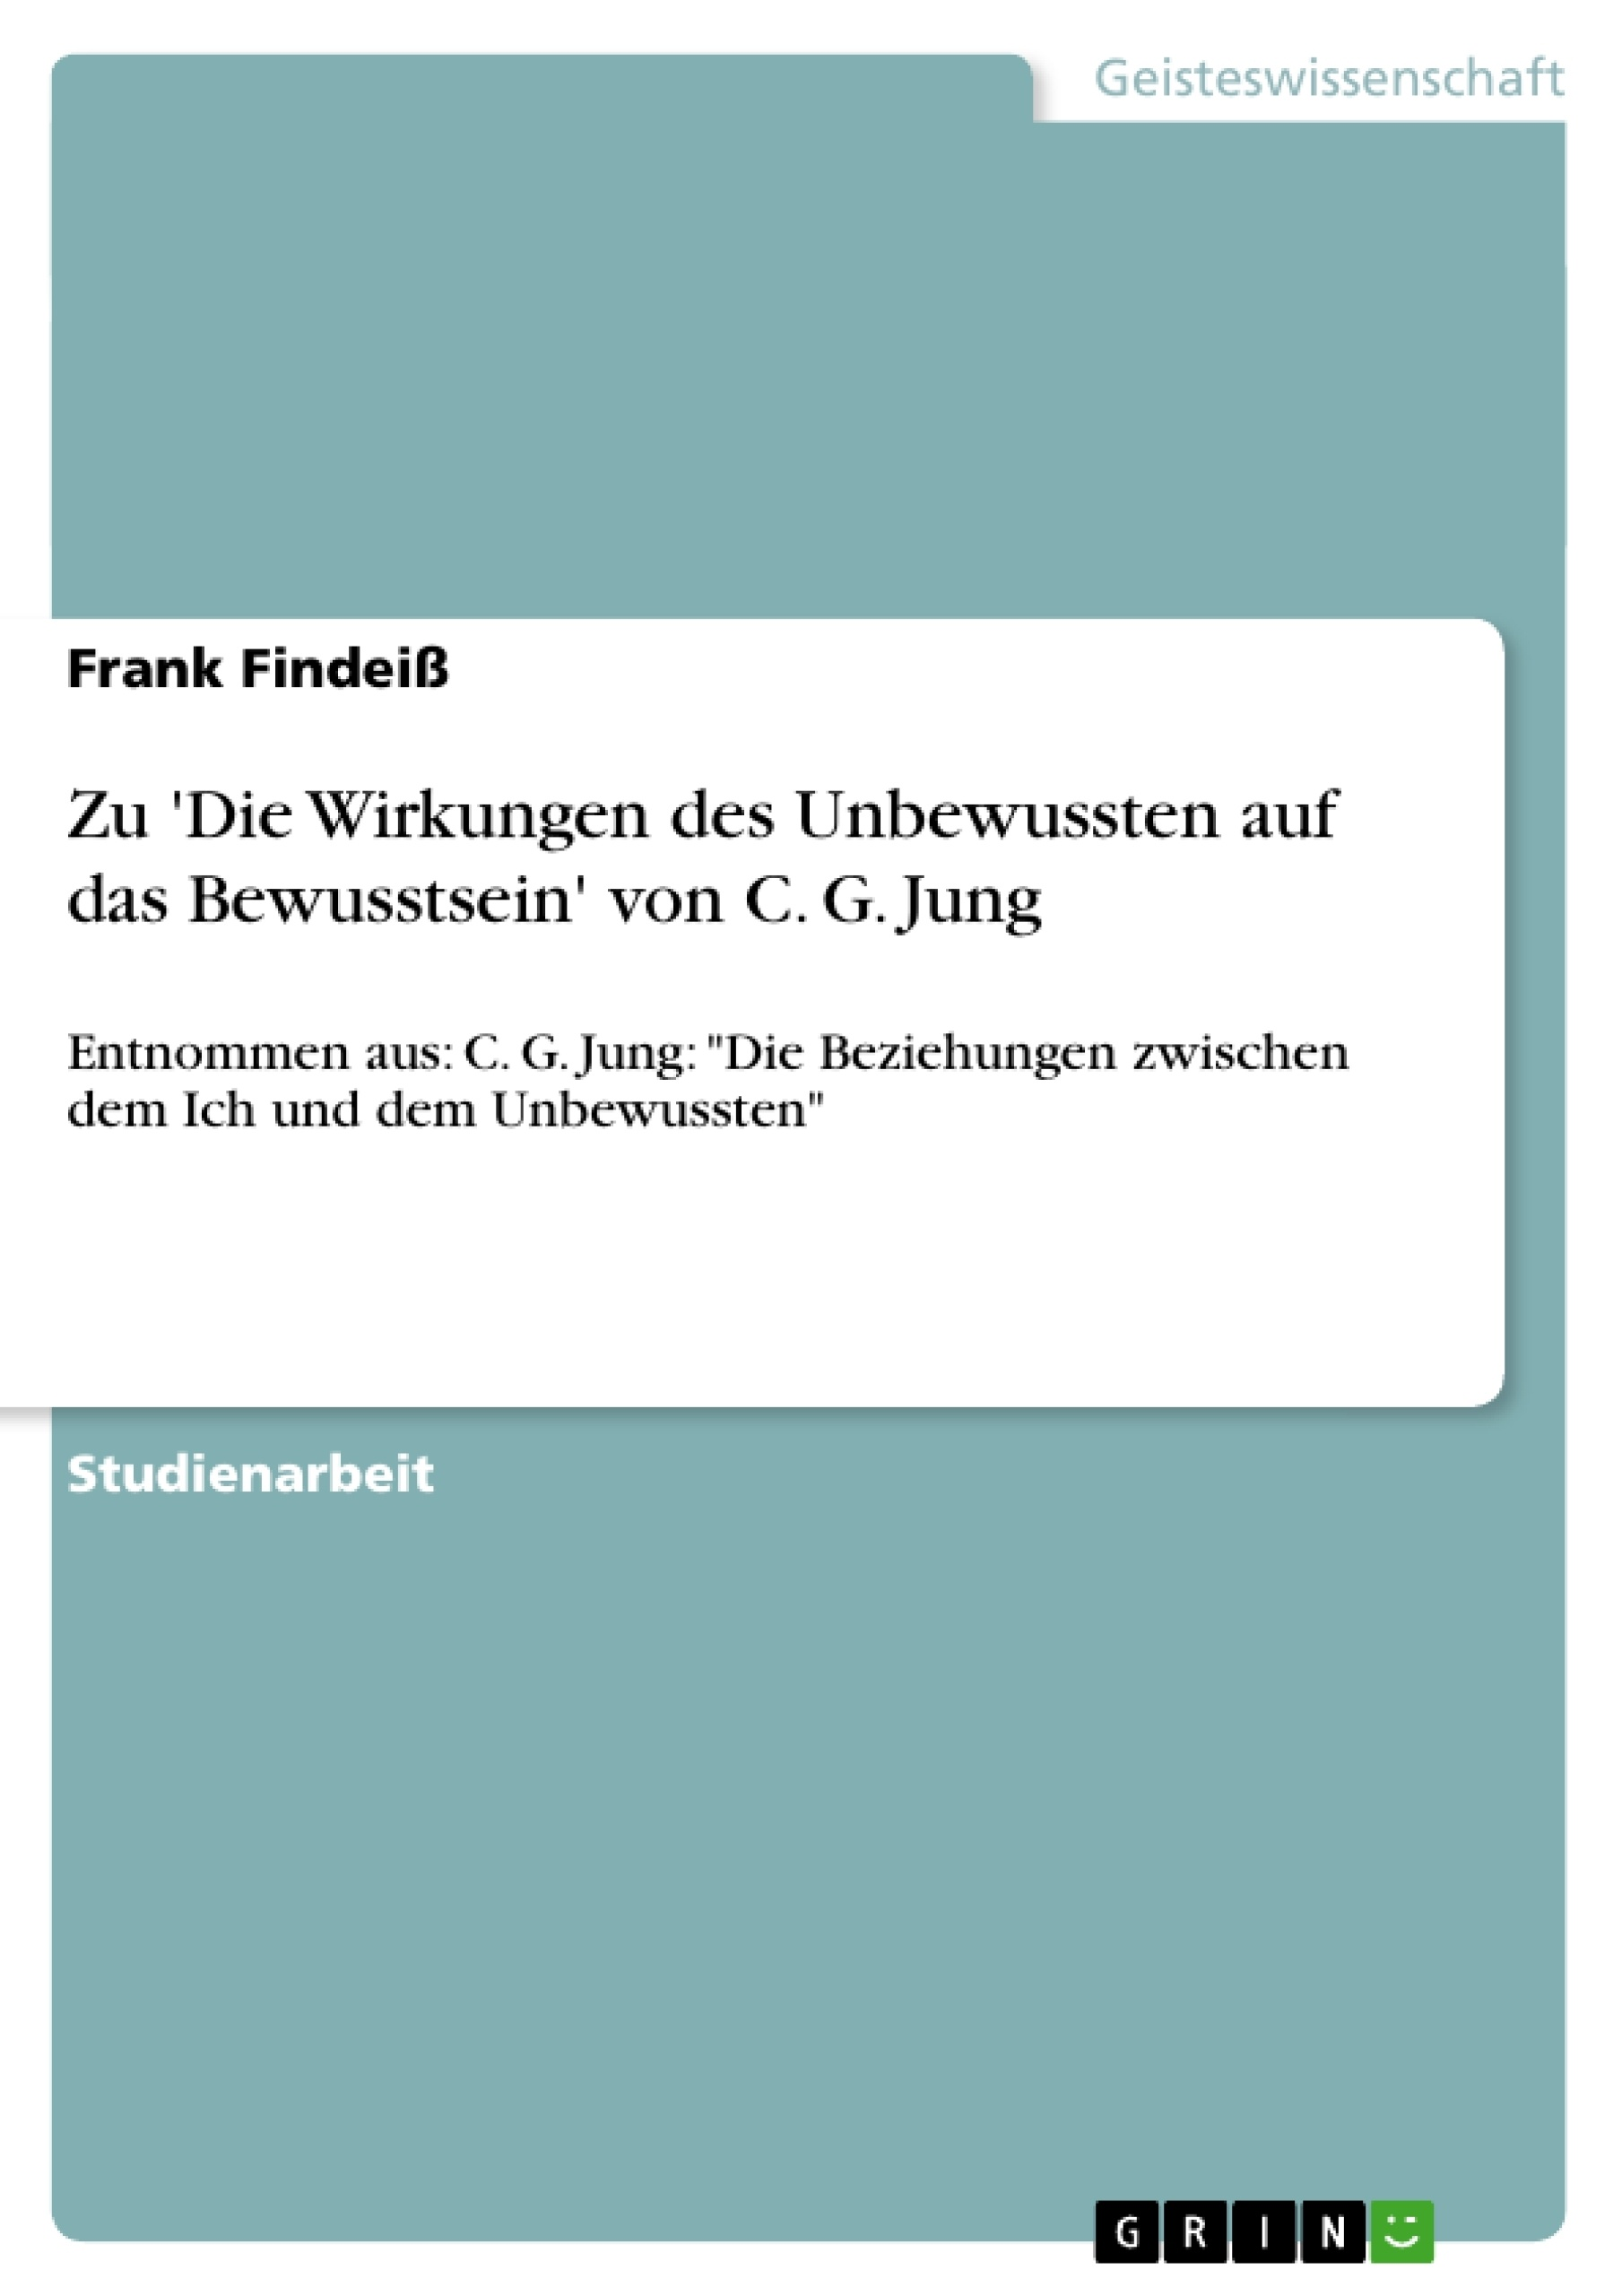 Titel: Zu 'Die Wirkungen des Unbewussten auf das Bewusstsein'  von C. G. Jung